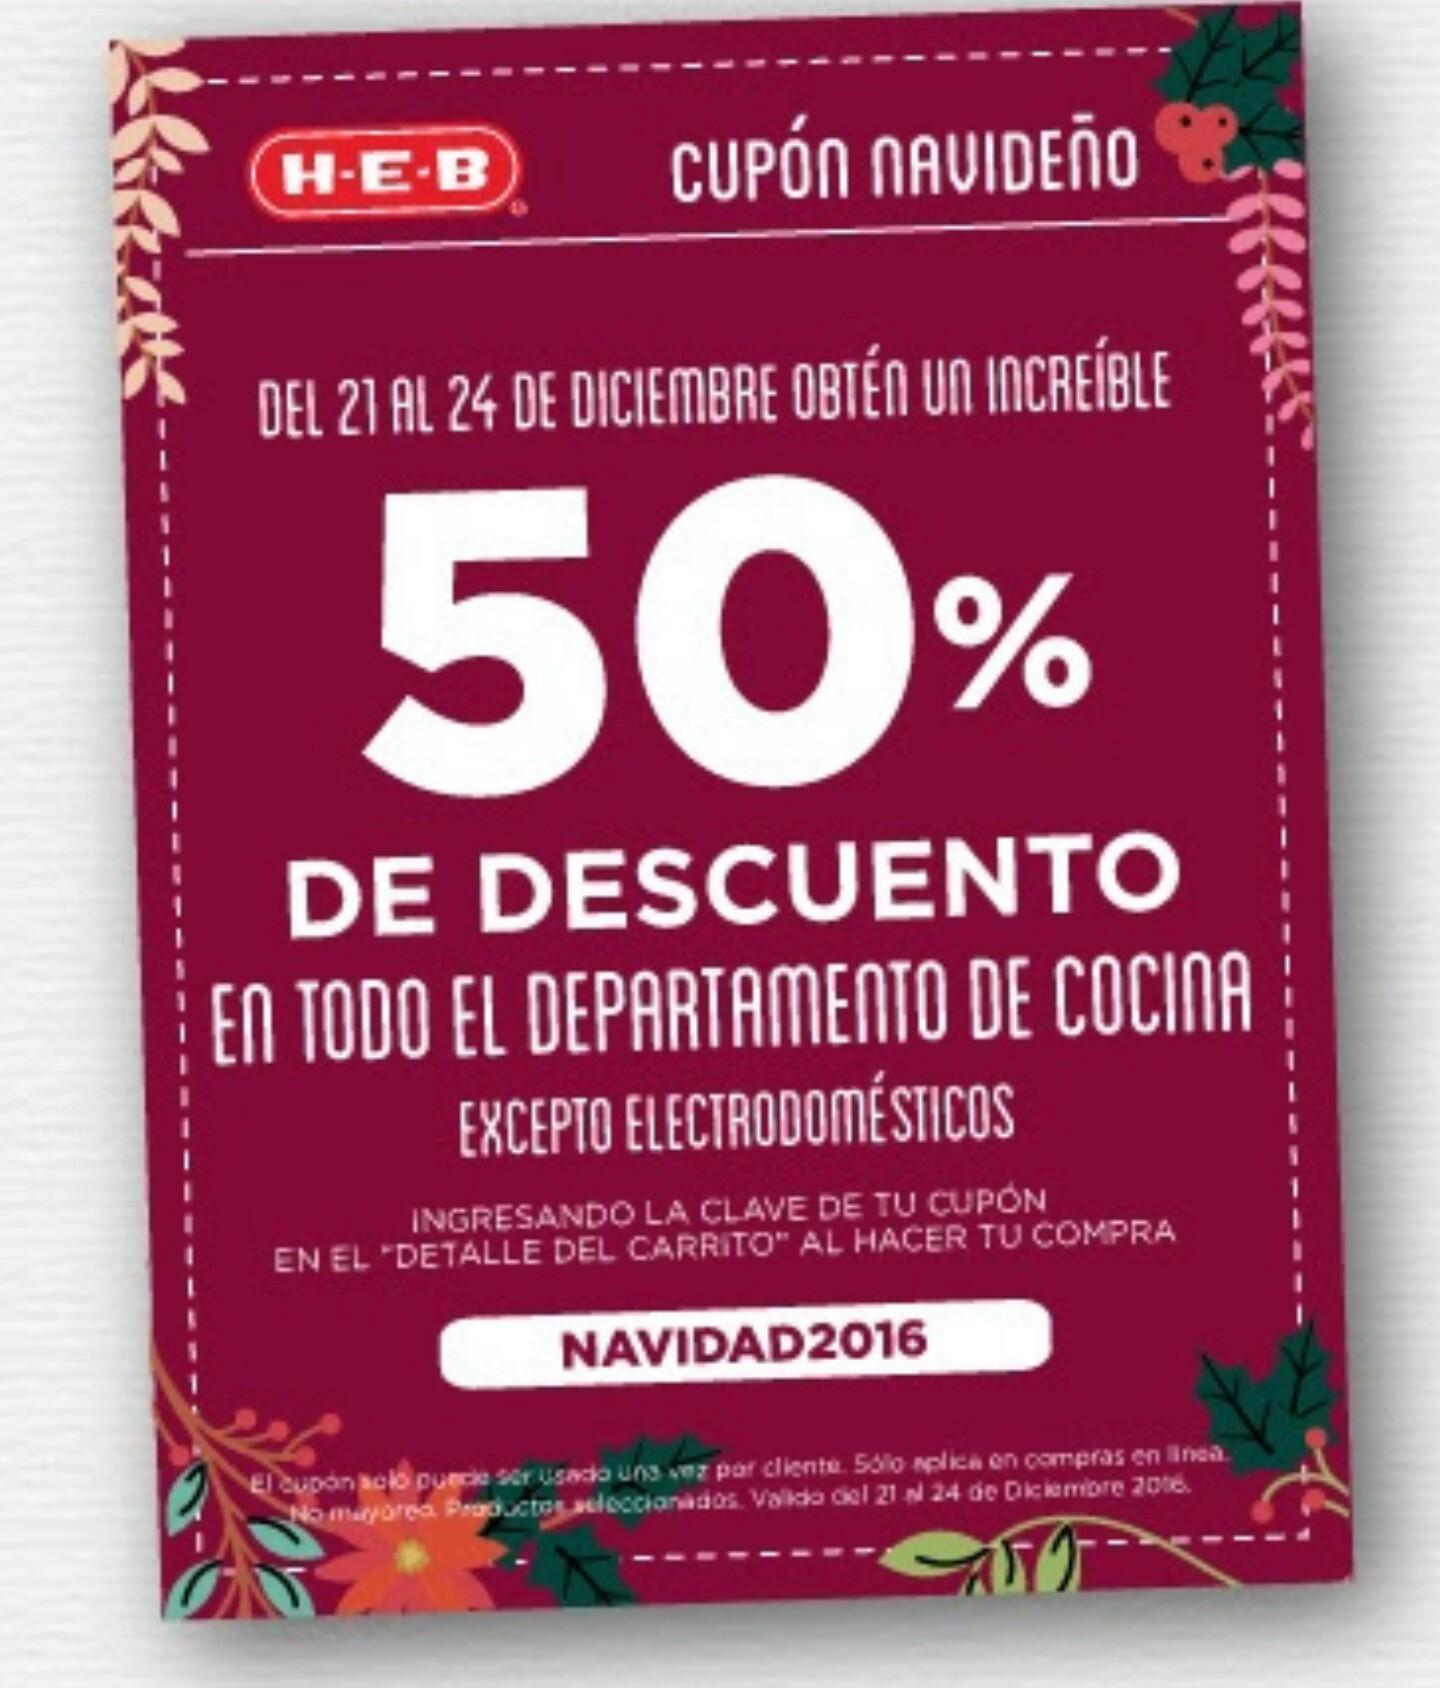 HEB online: Cupón 50% de descuento en todo el depto de cocina